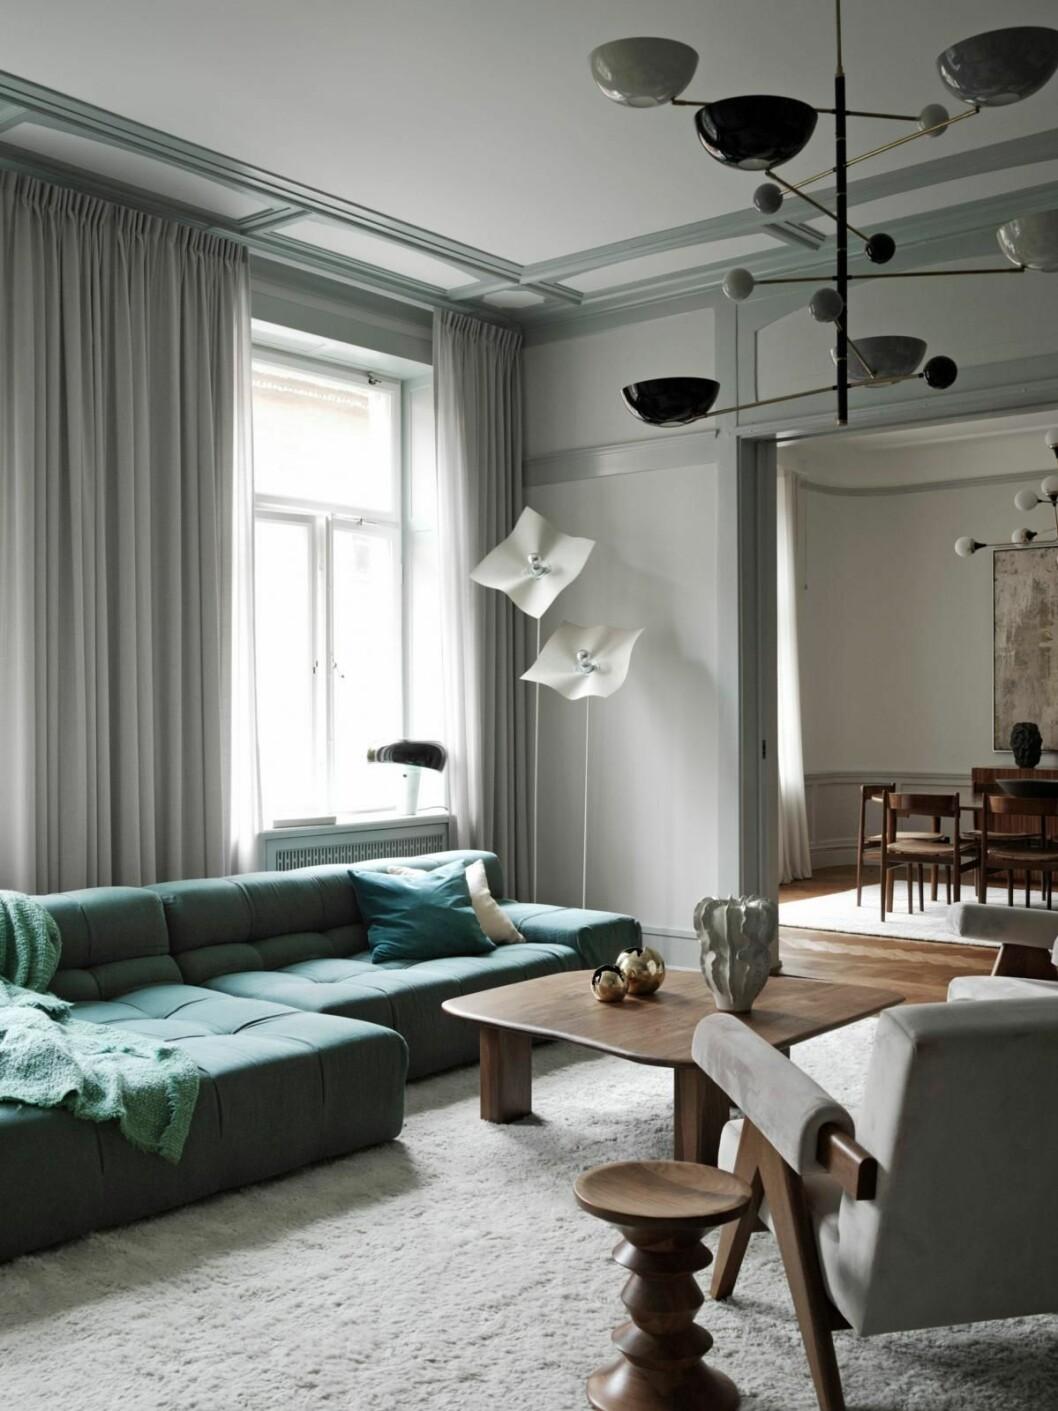 grön soffa i vardagsrum inrett av Joanna laven